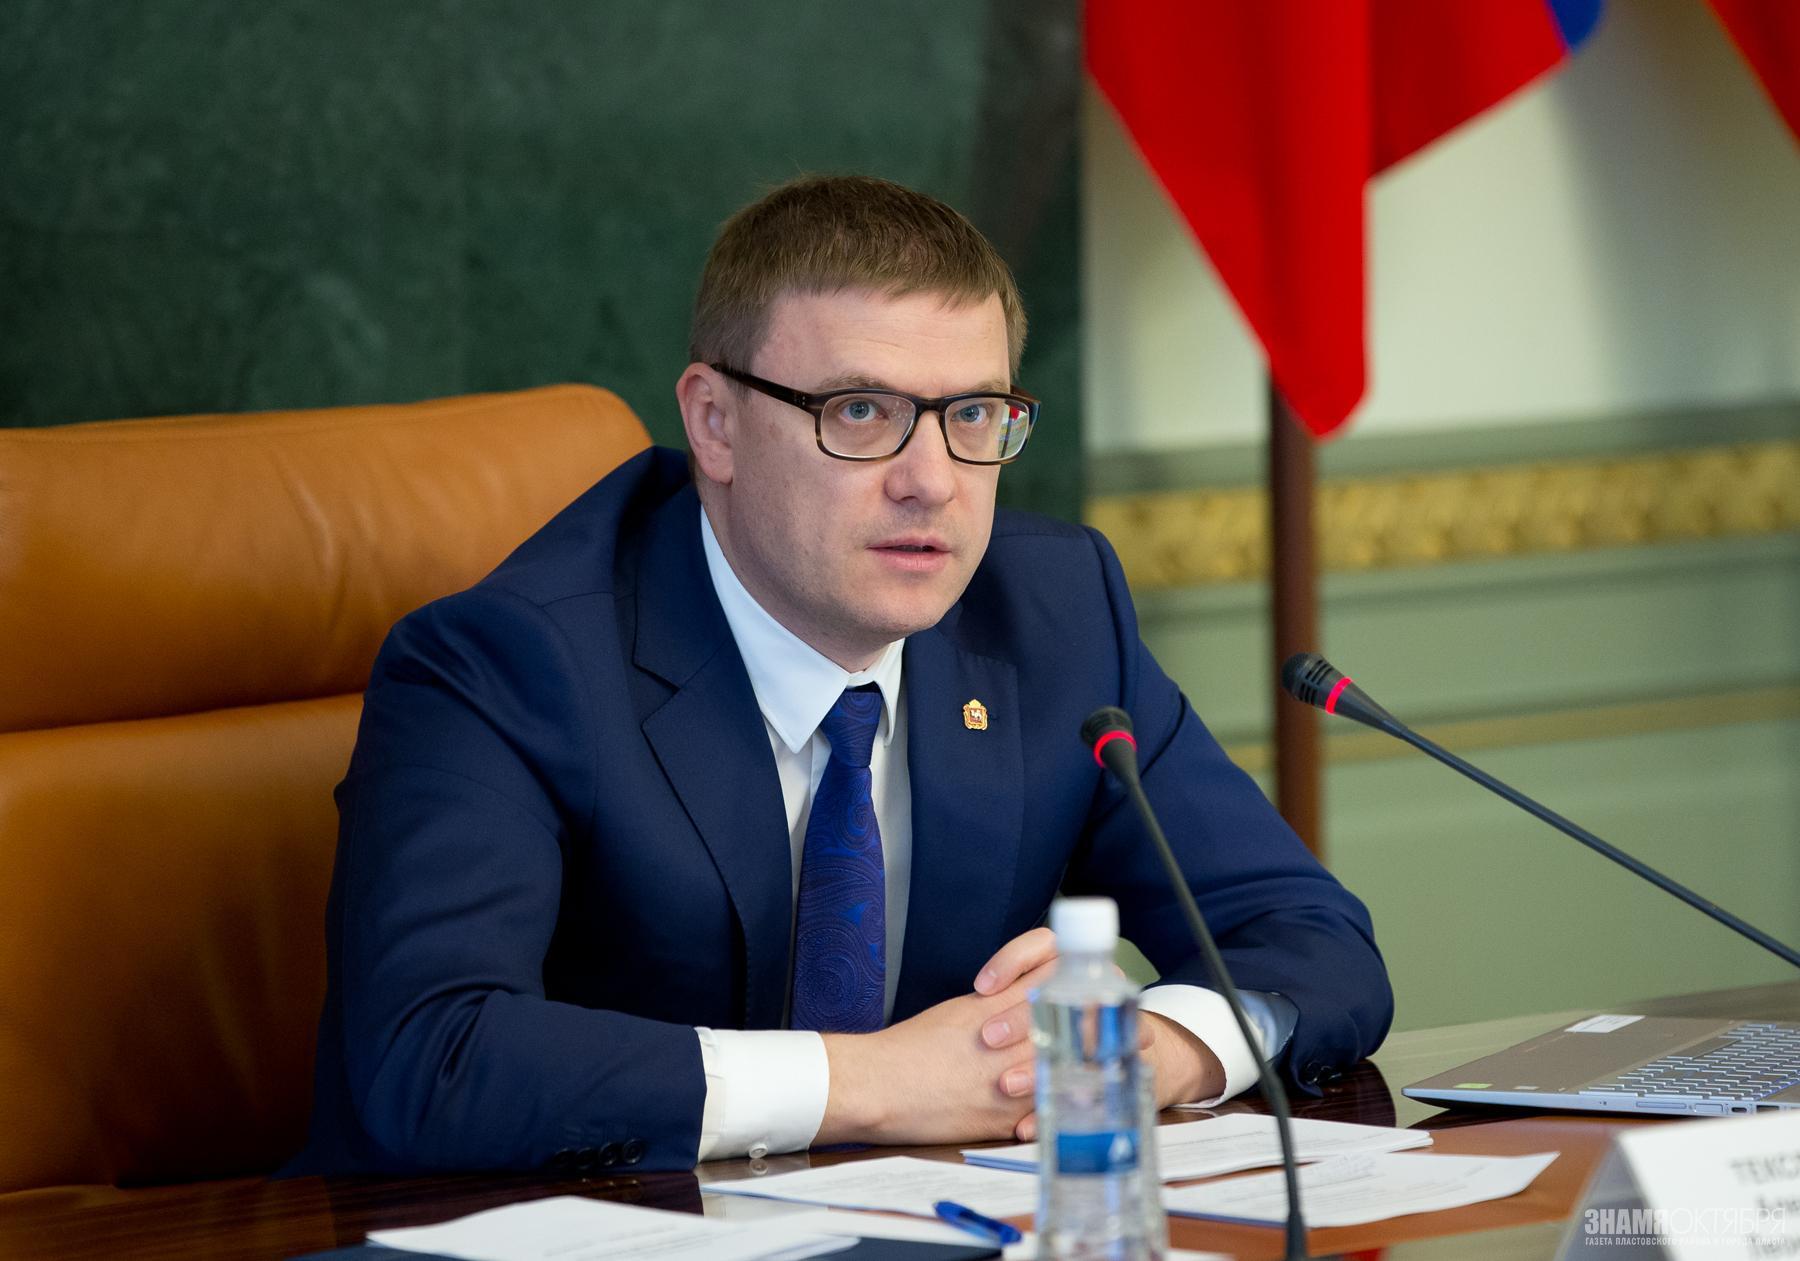 Алексей Текслер выступил с инициативой увеличить объем выделяемых средств на реализацию социально значимых проектов